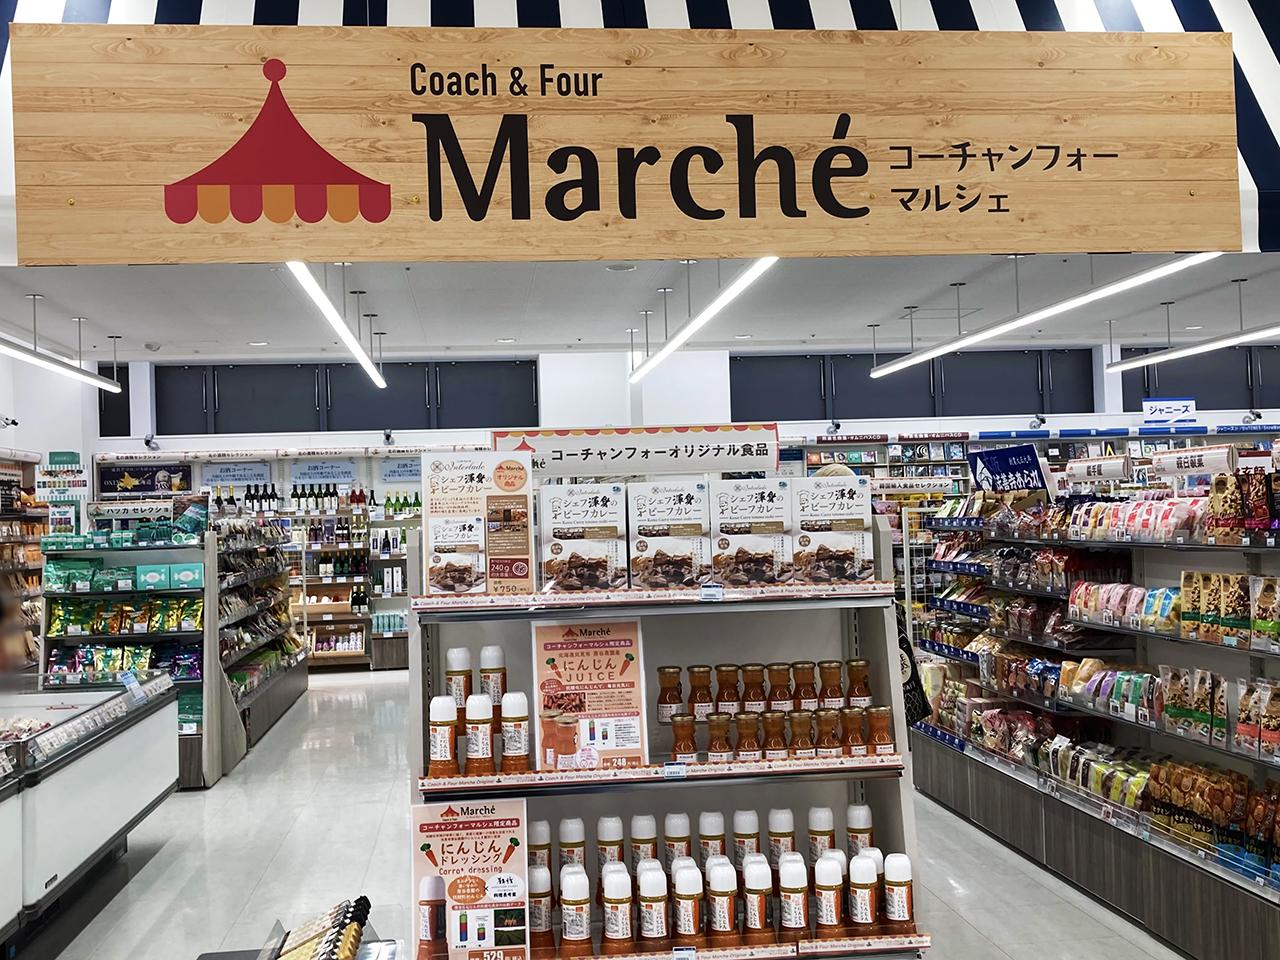 若葉台で北海道気分♪コーチャンフォー・マルシェへ行ってきました♪